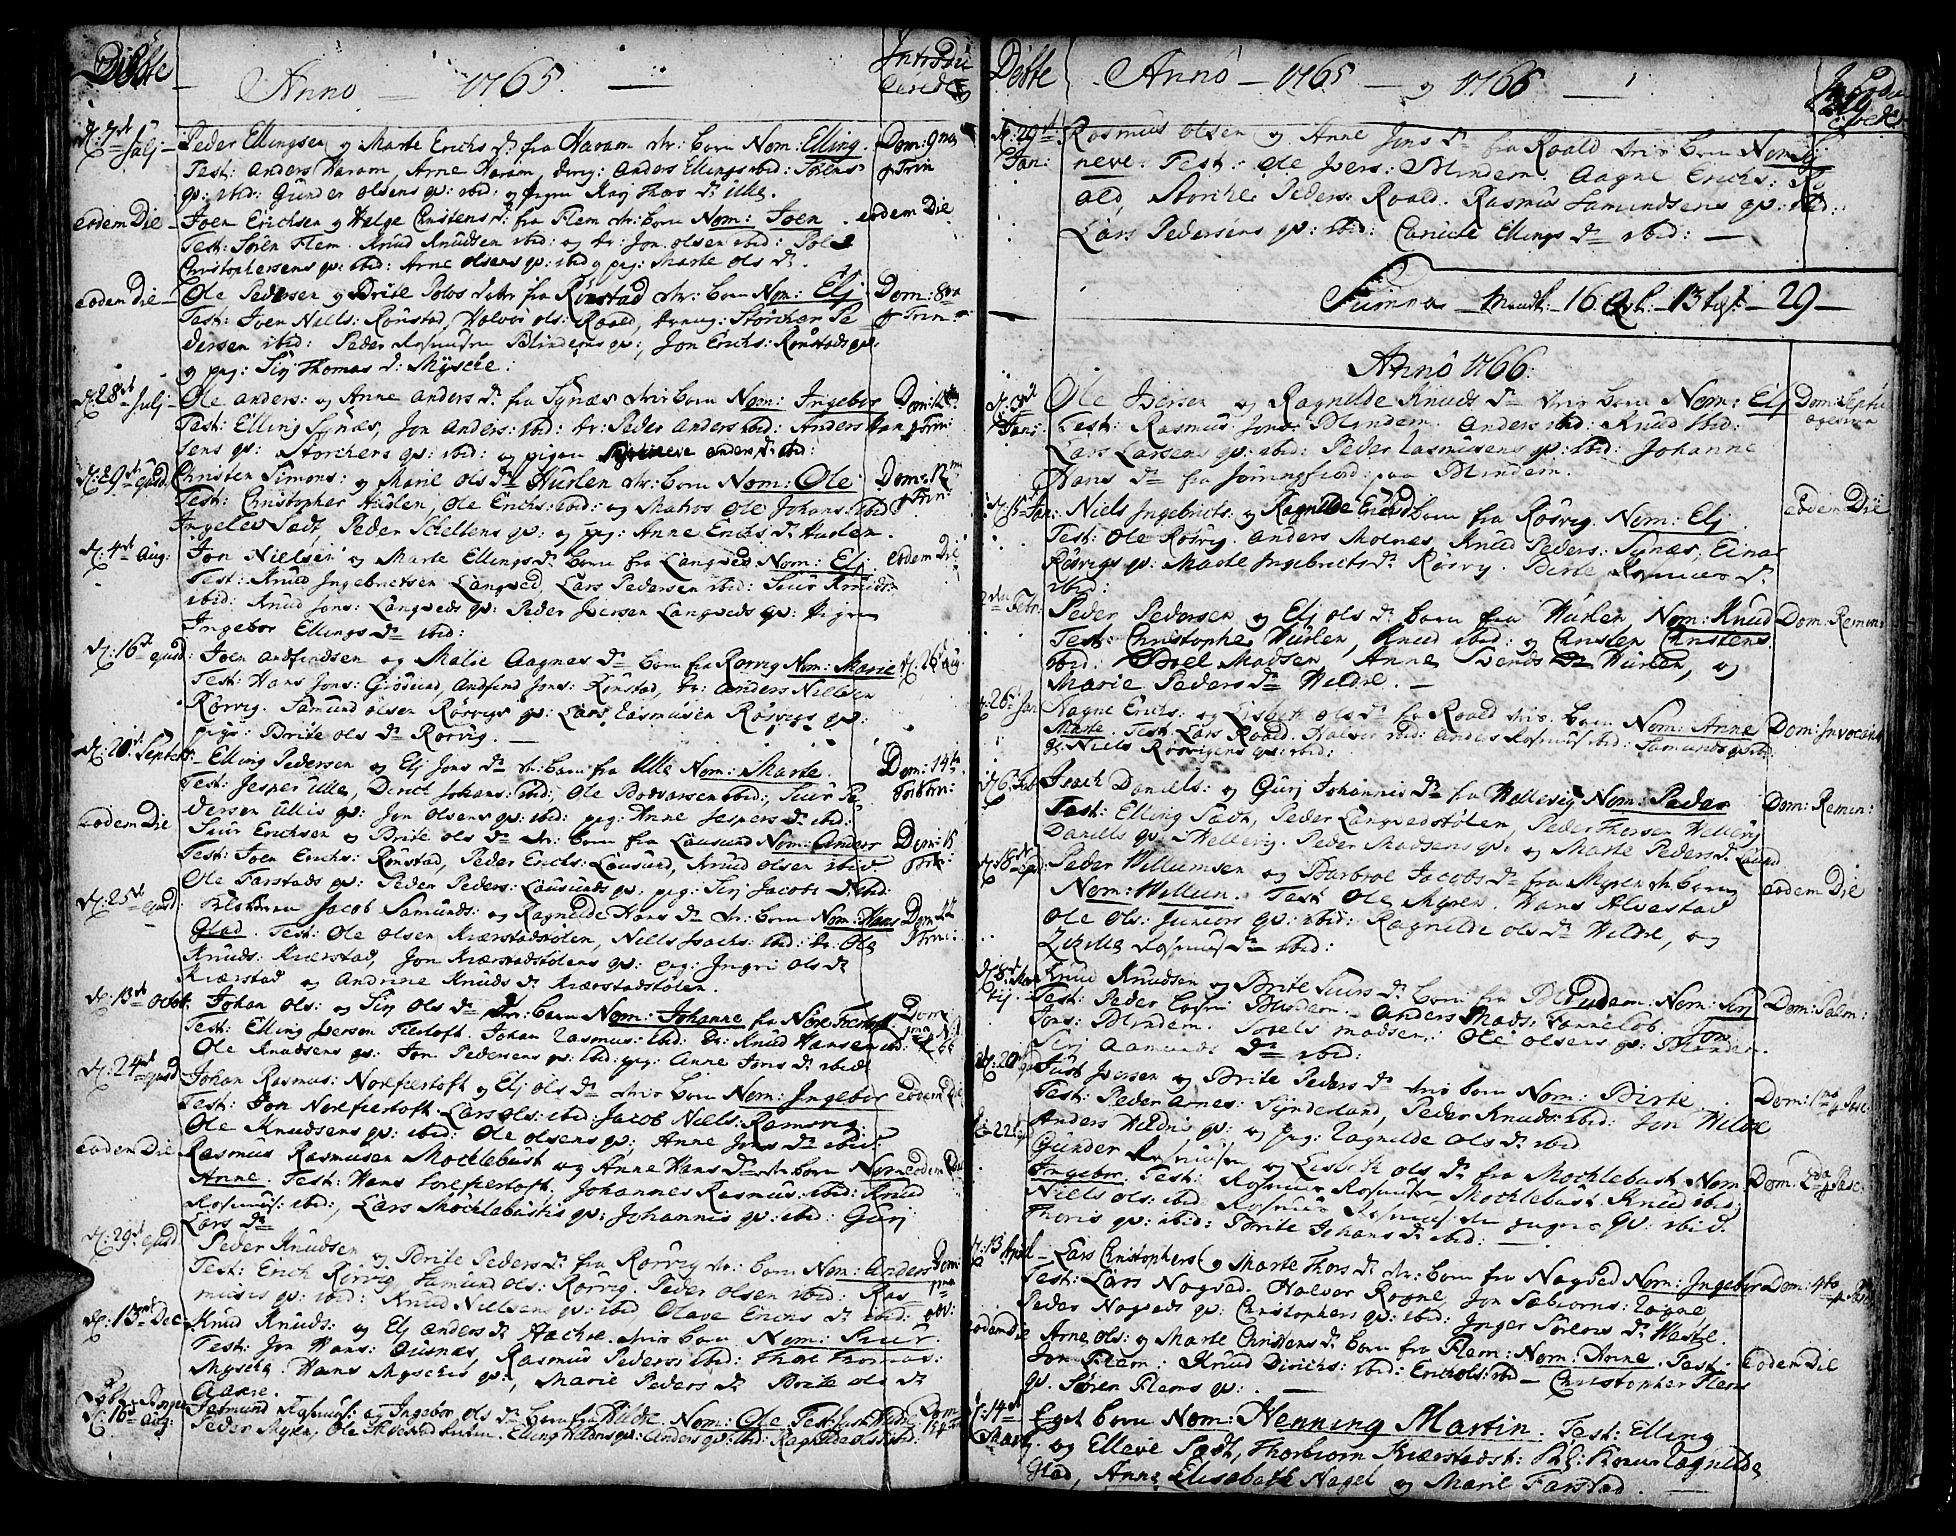 SAT, Ministerialprotokoller, klokkerbøker og fødselsregistre - Møre og Romsdal, 536/L0493: Ministerialbok nr. 536A02, 1739-1802, s. 218-219